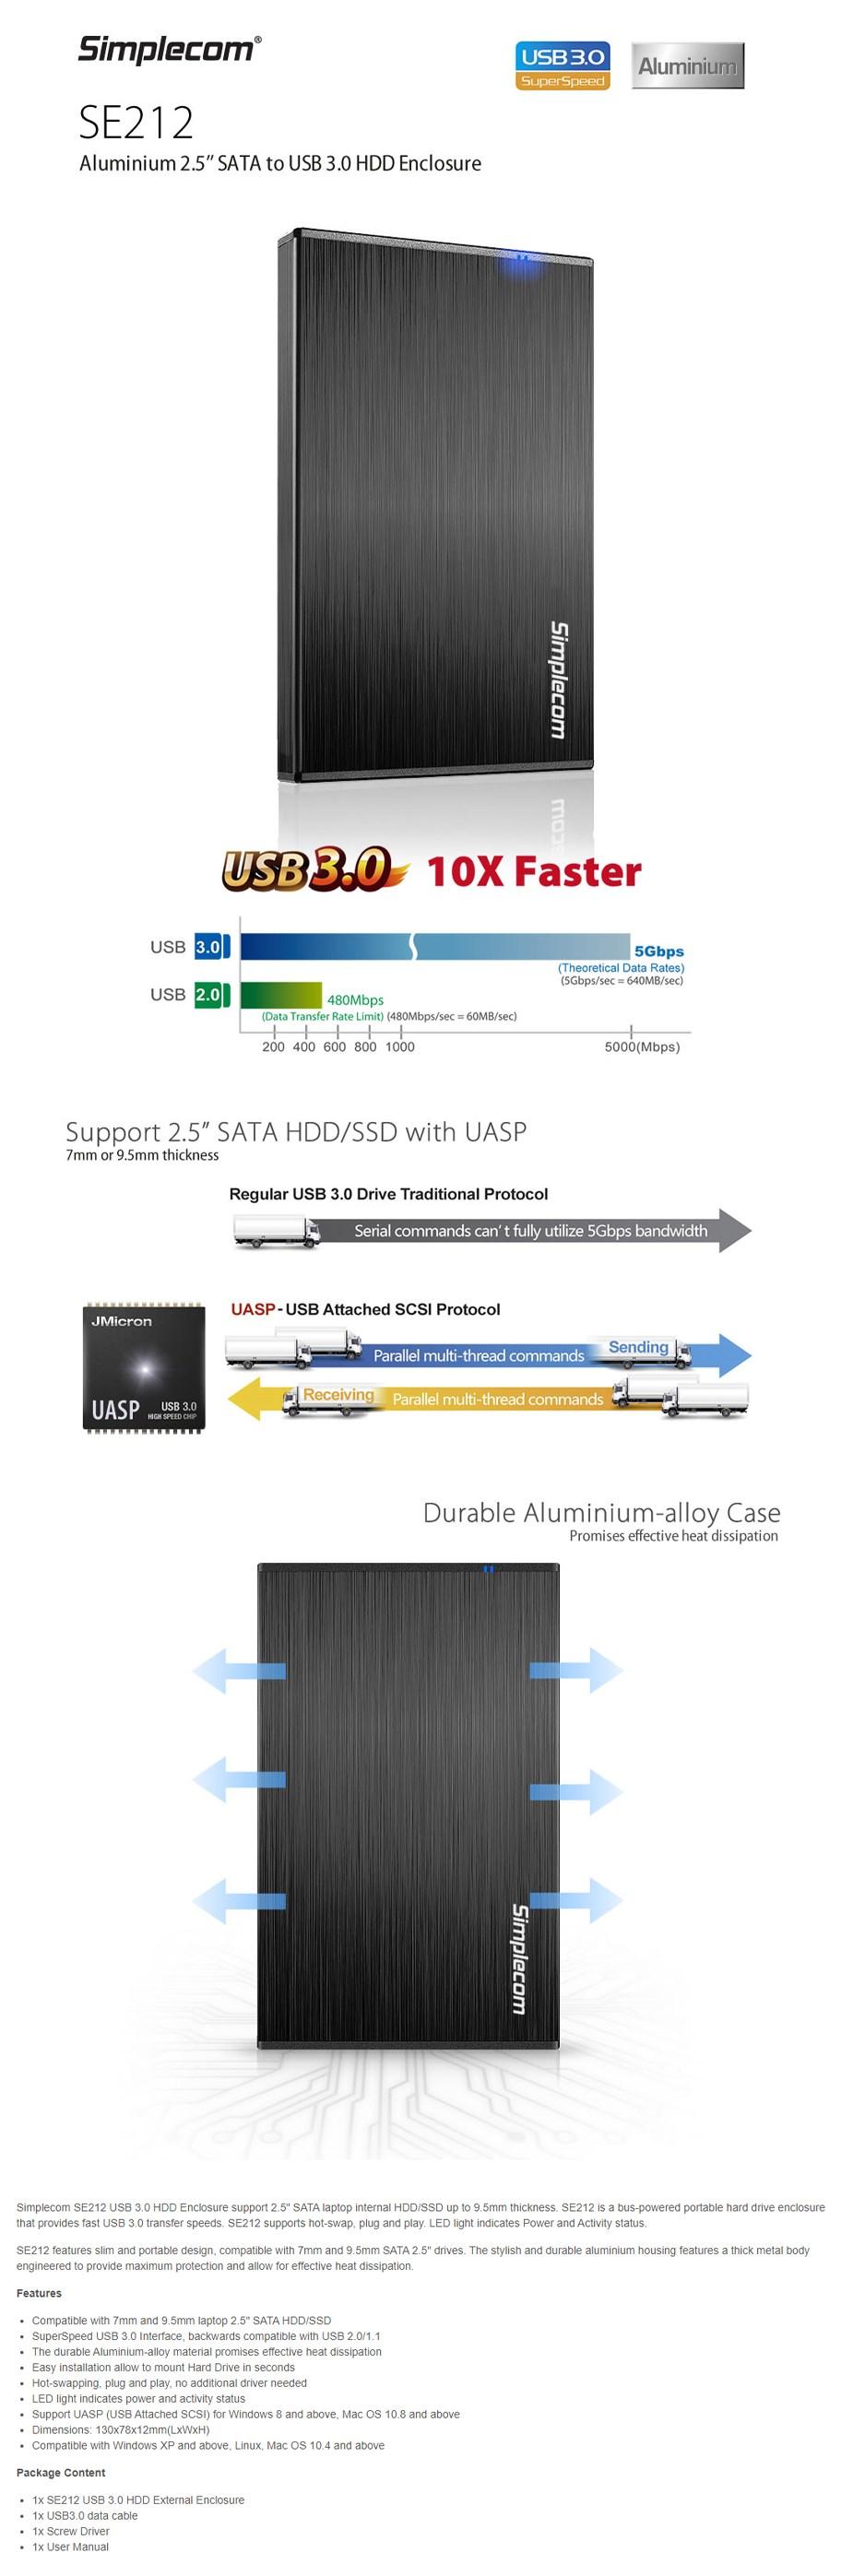 """Simplecom SE212 Aluminium Slim 2.5"""" SATA HDD/SSD USB3.0 Enclosure - Black - Overview 1"""